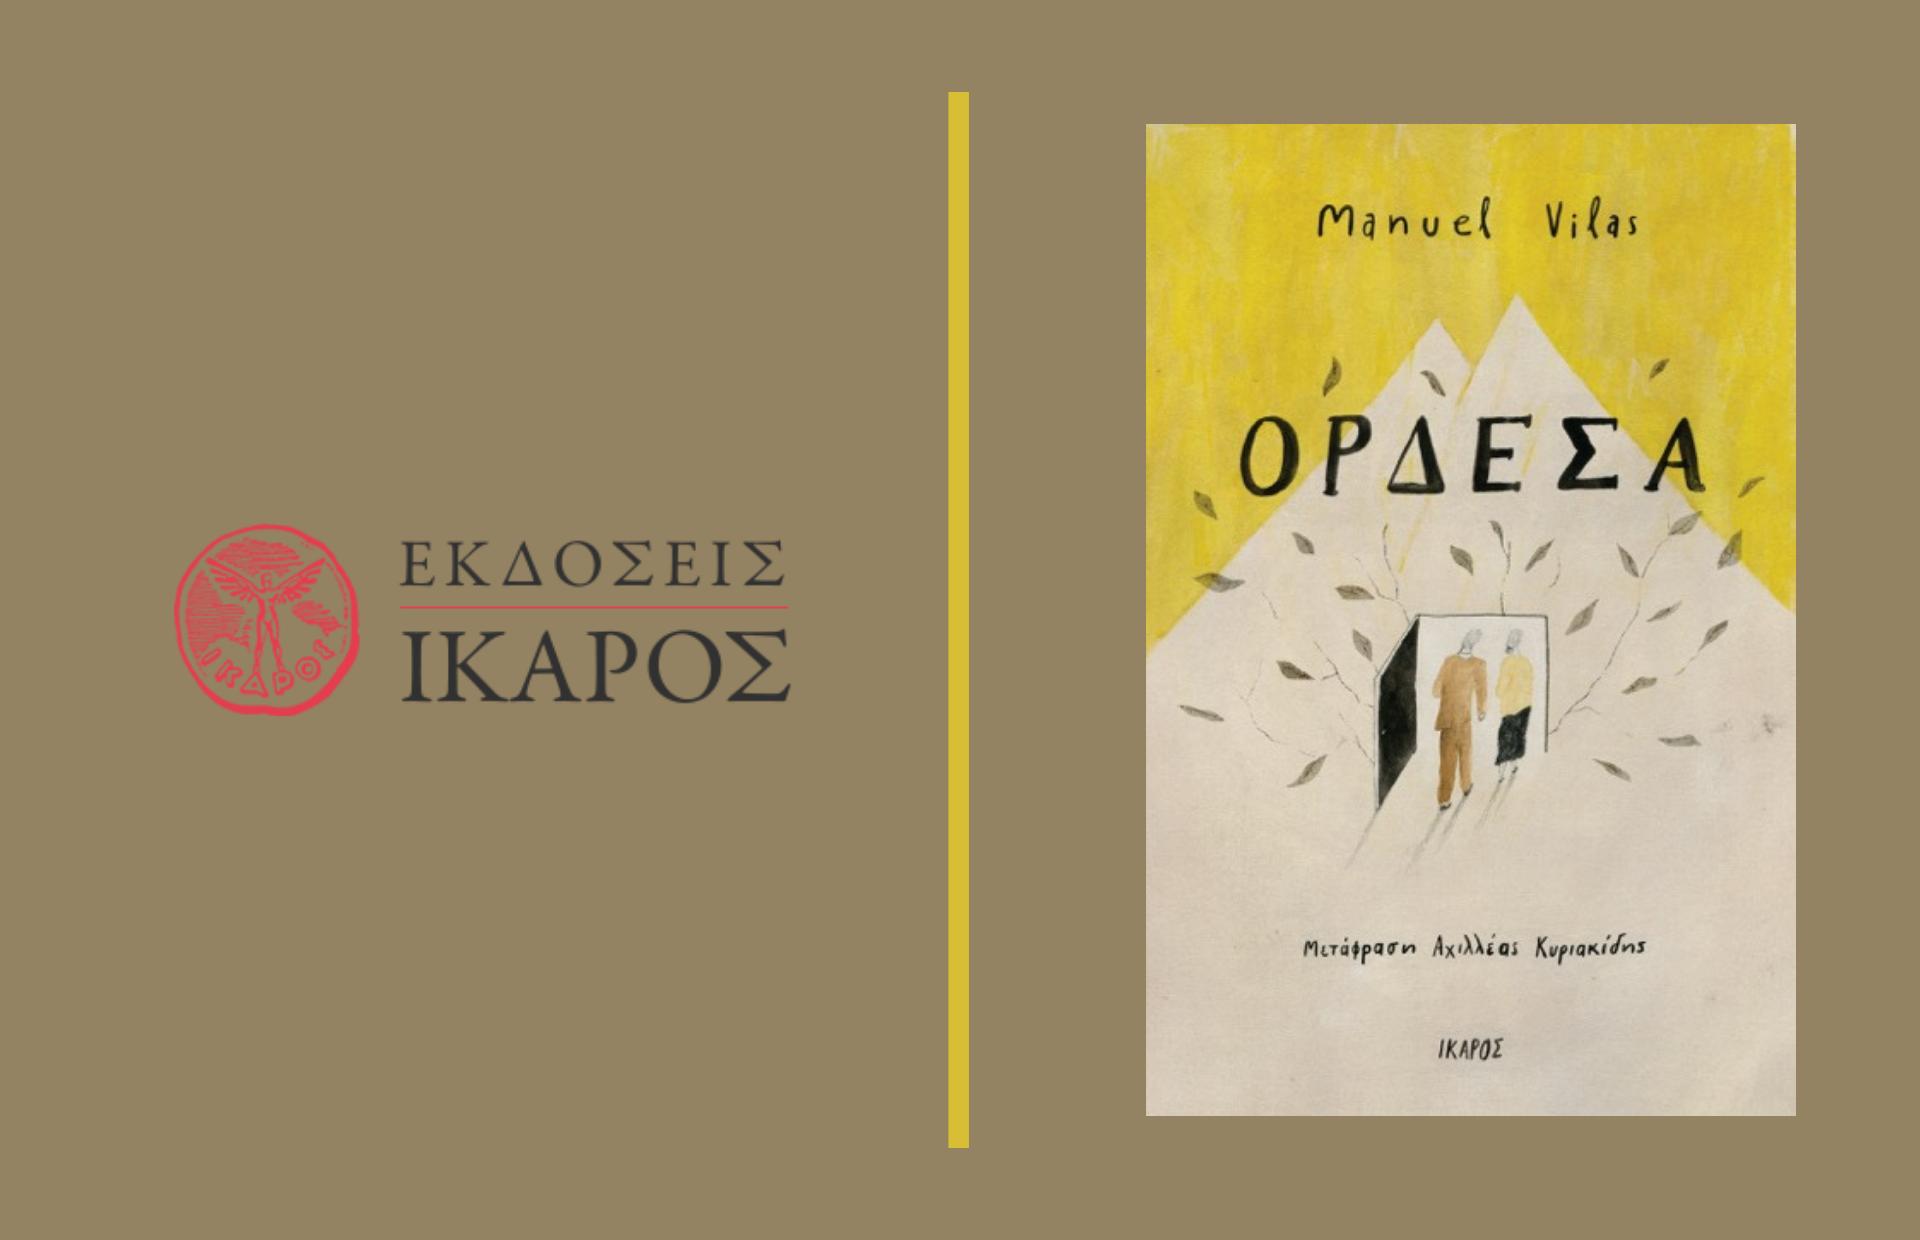 """""""Ορδέσα"""", σε μετάφραση του Αχιλλέα Κυριακίδη"""